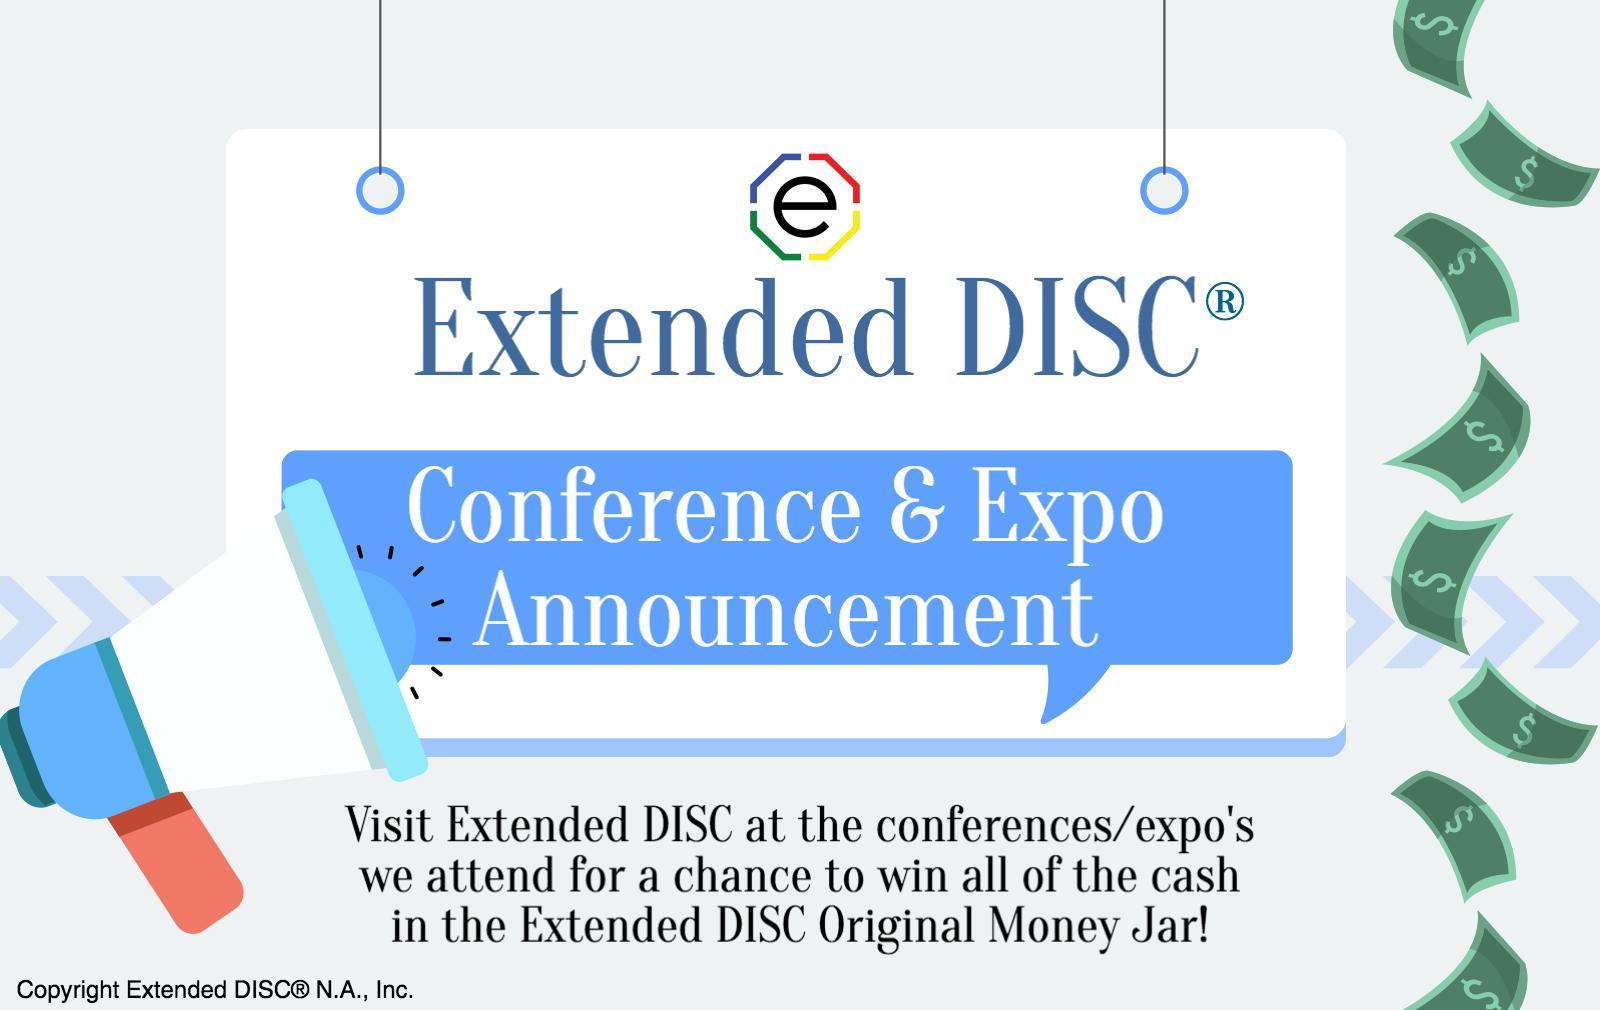 ExtendedDISCConferenceAnnouncement.jpeg